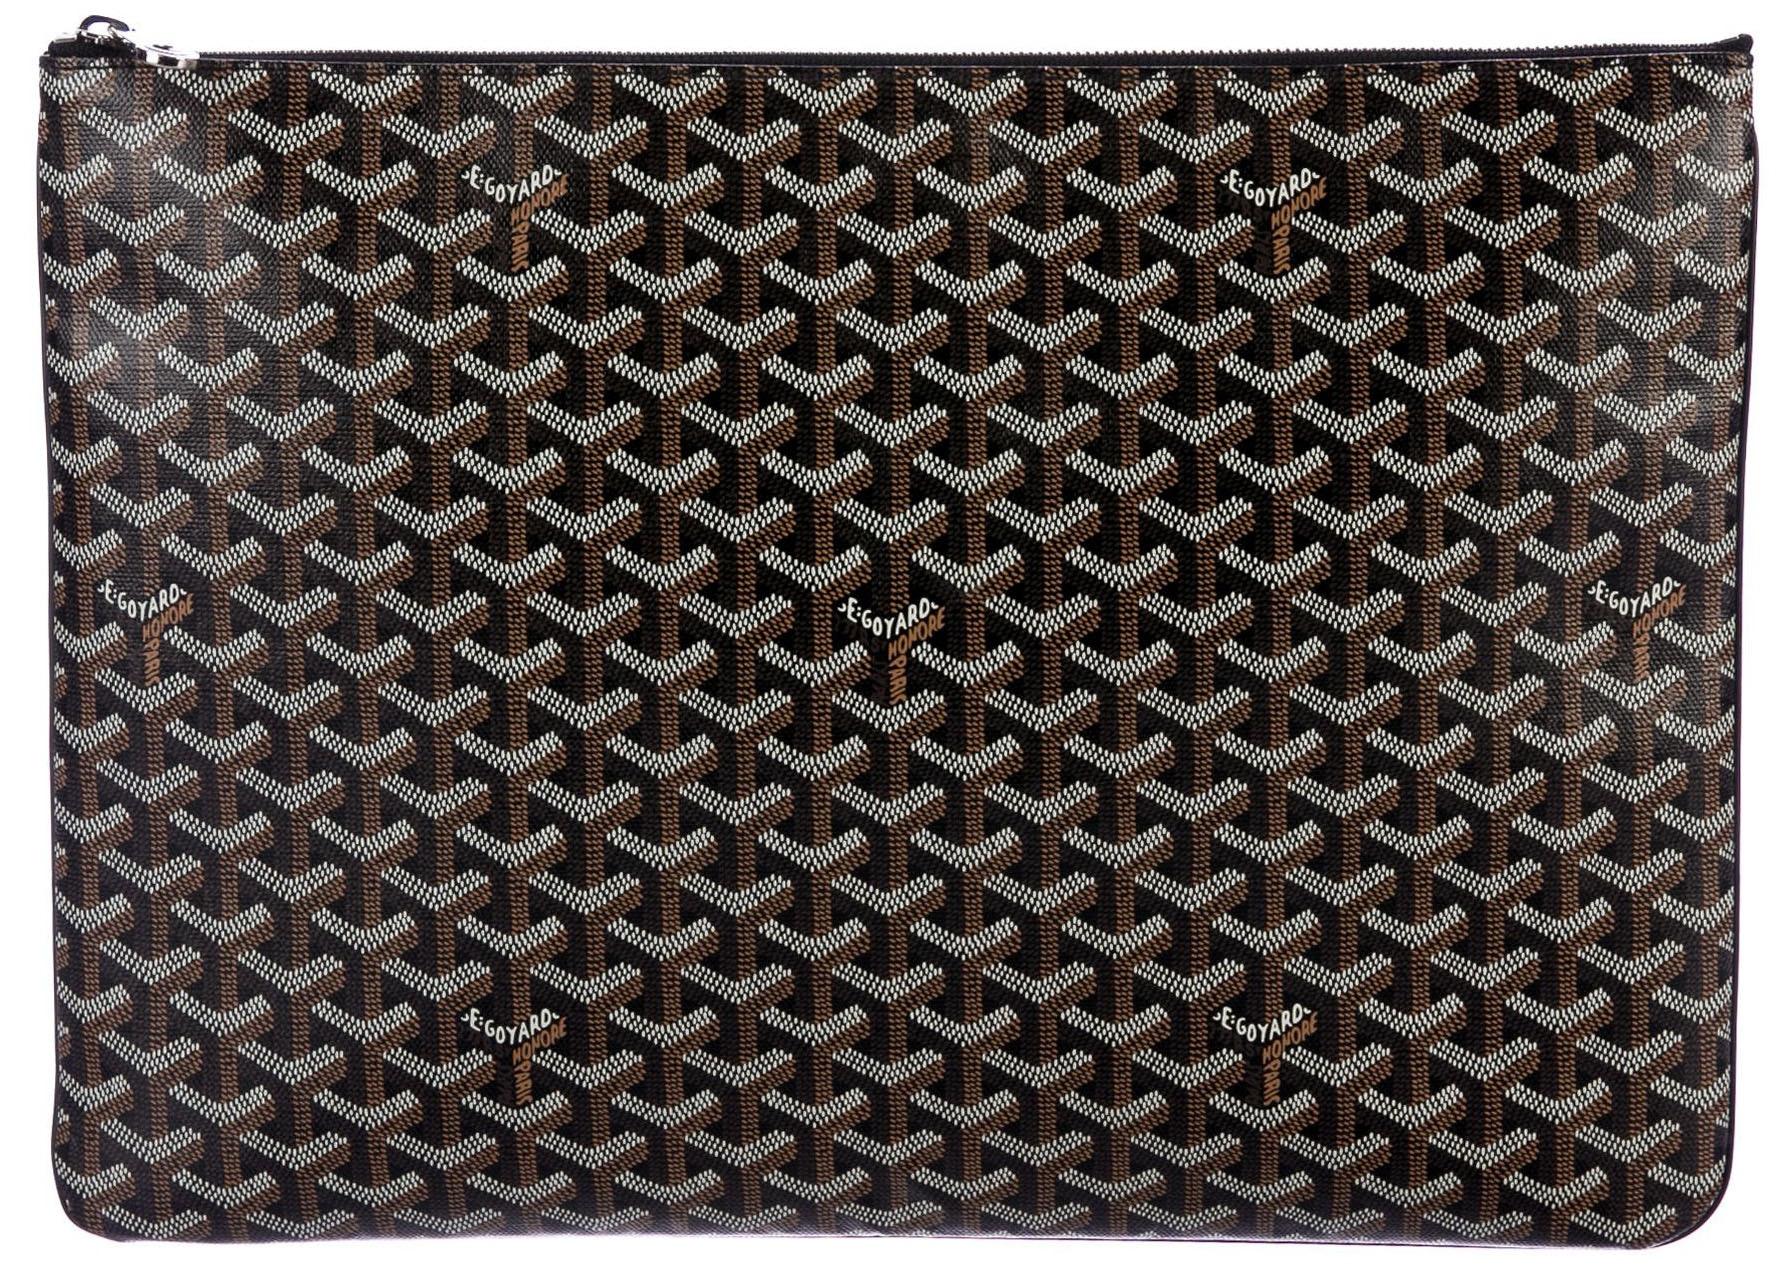 Goyard Senat Pouch Monogram Chevron GM Black